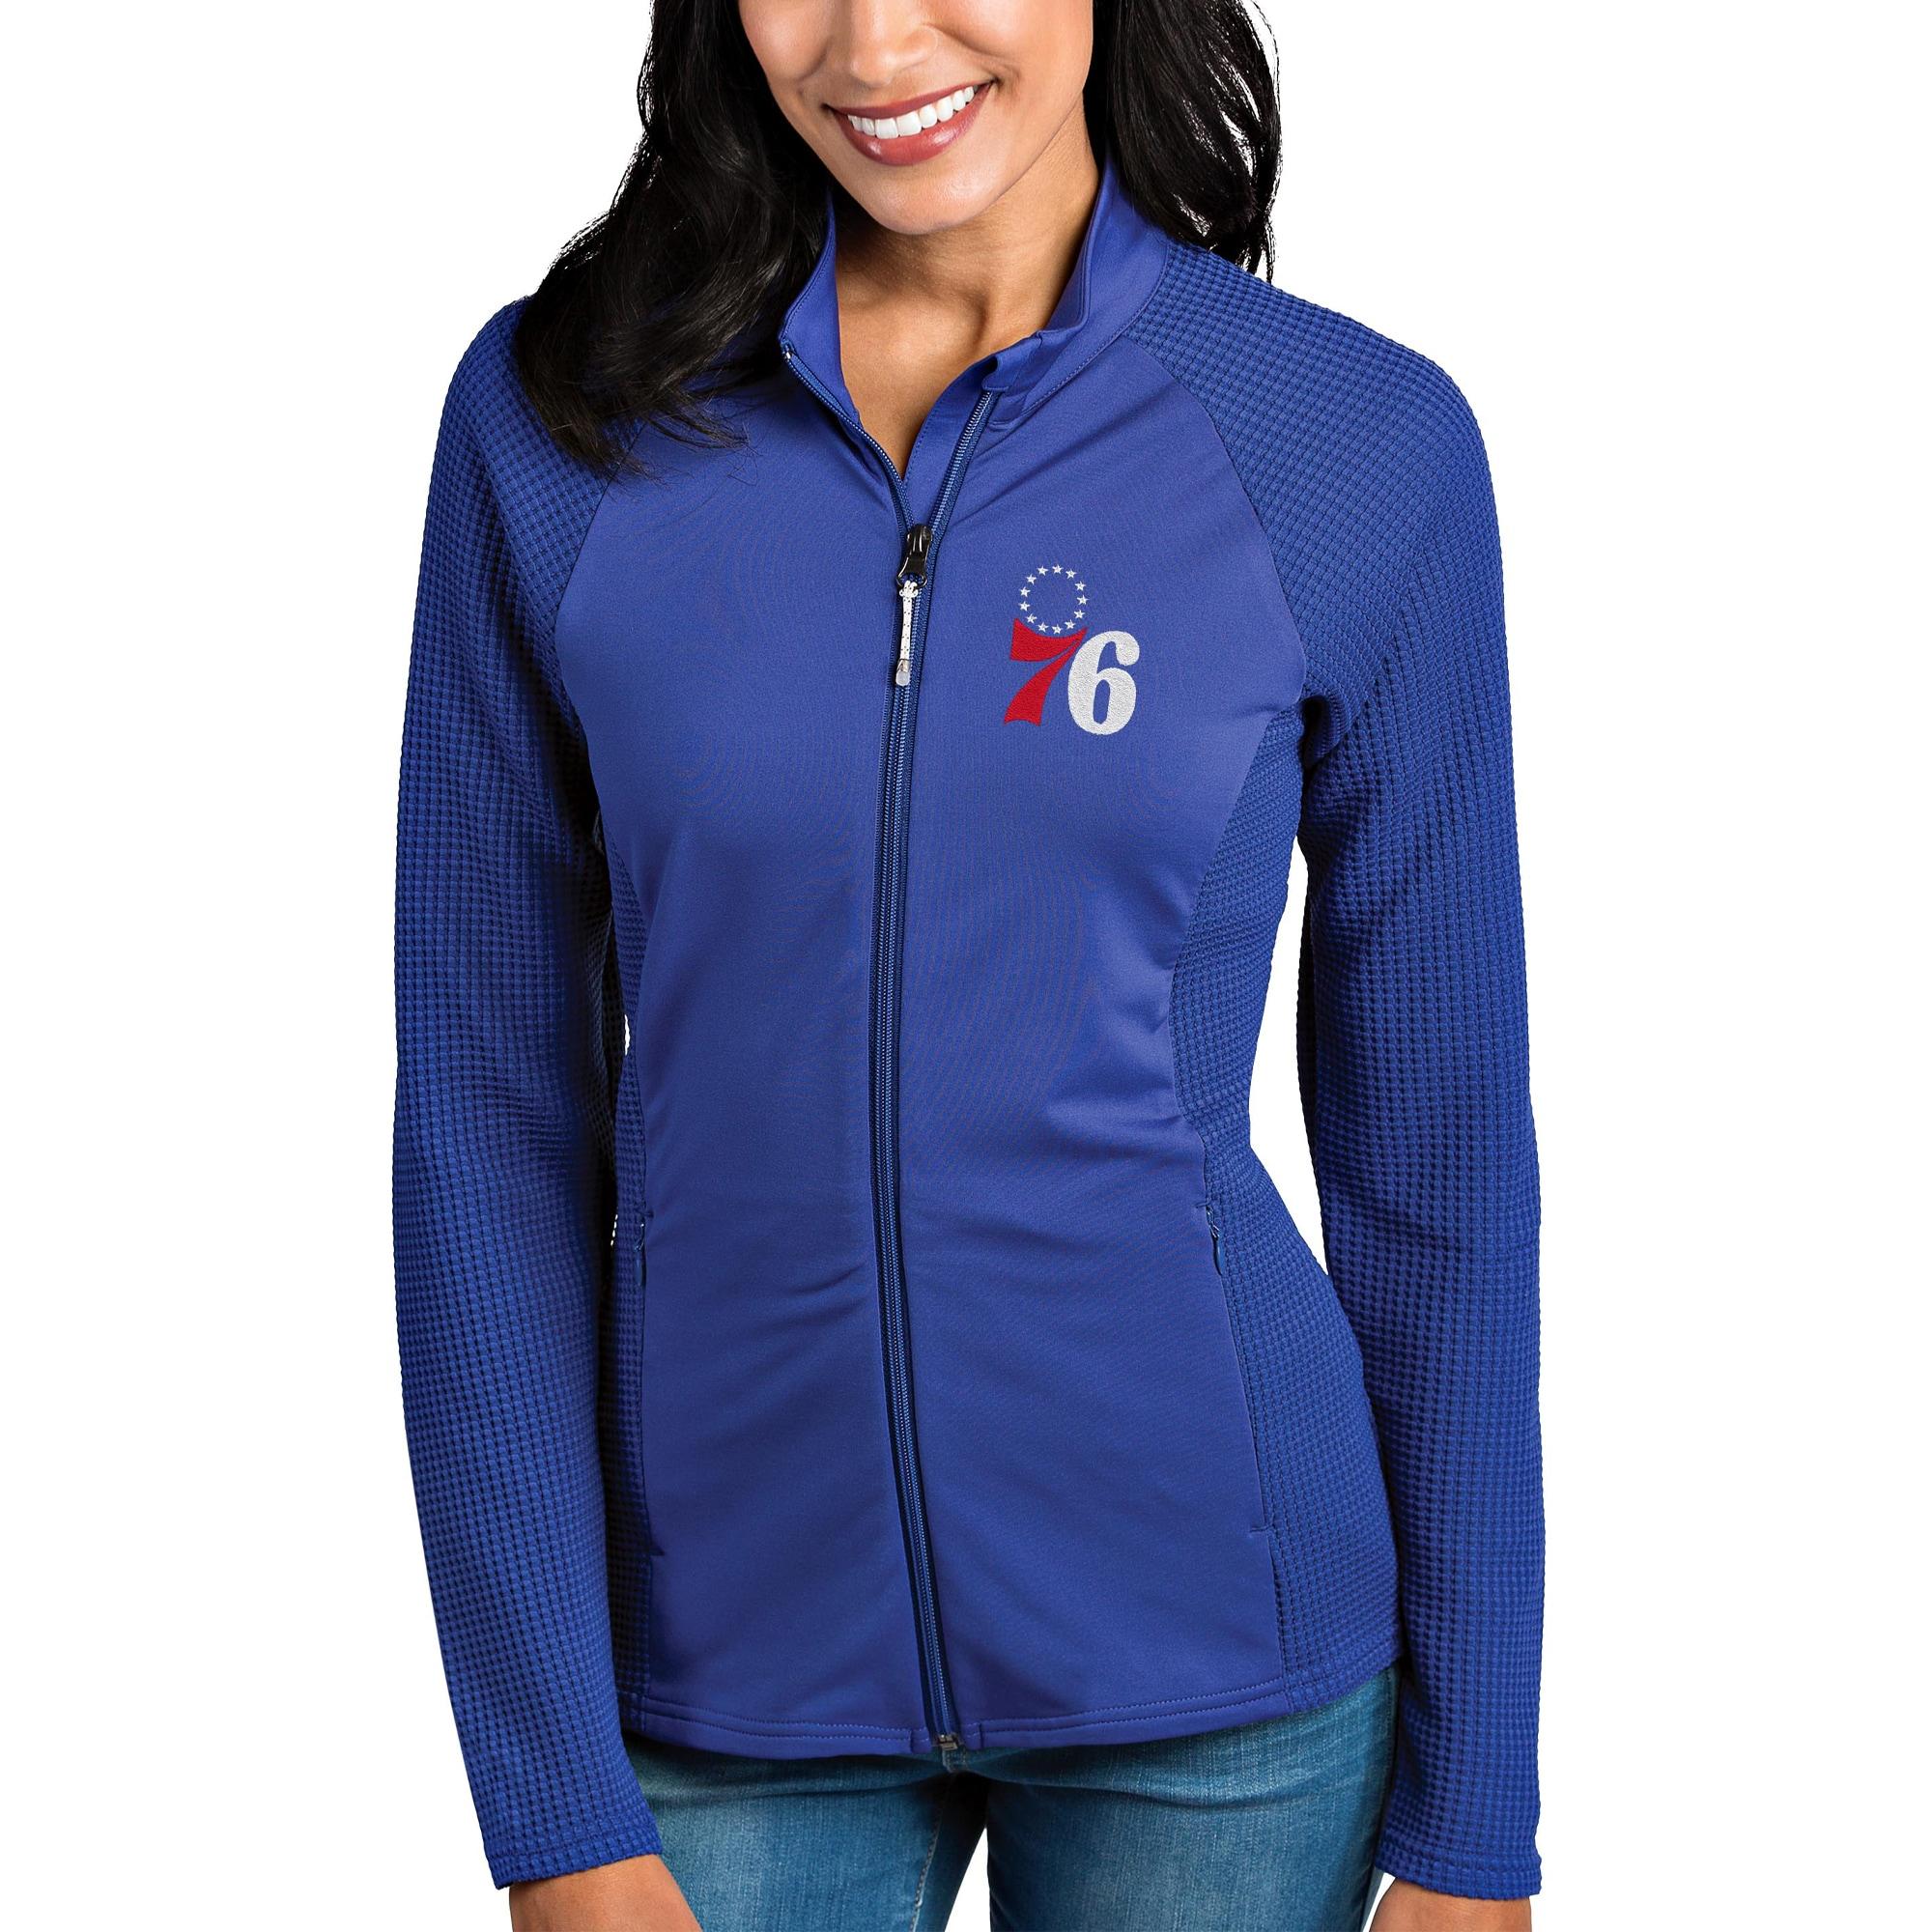 Philadelphia 76ers Antigua Women's Sonar Full-Zip Jacket - Royal